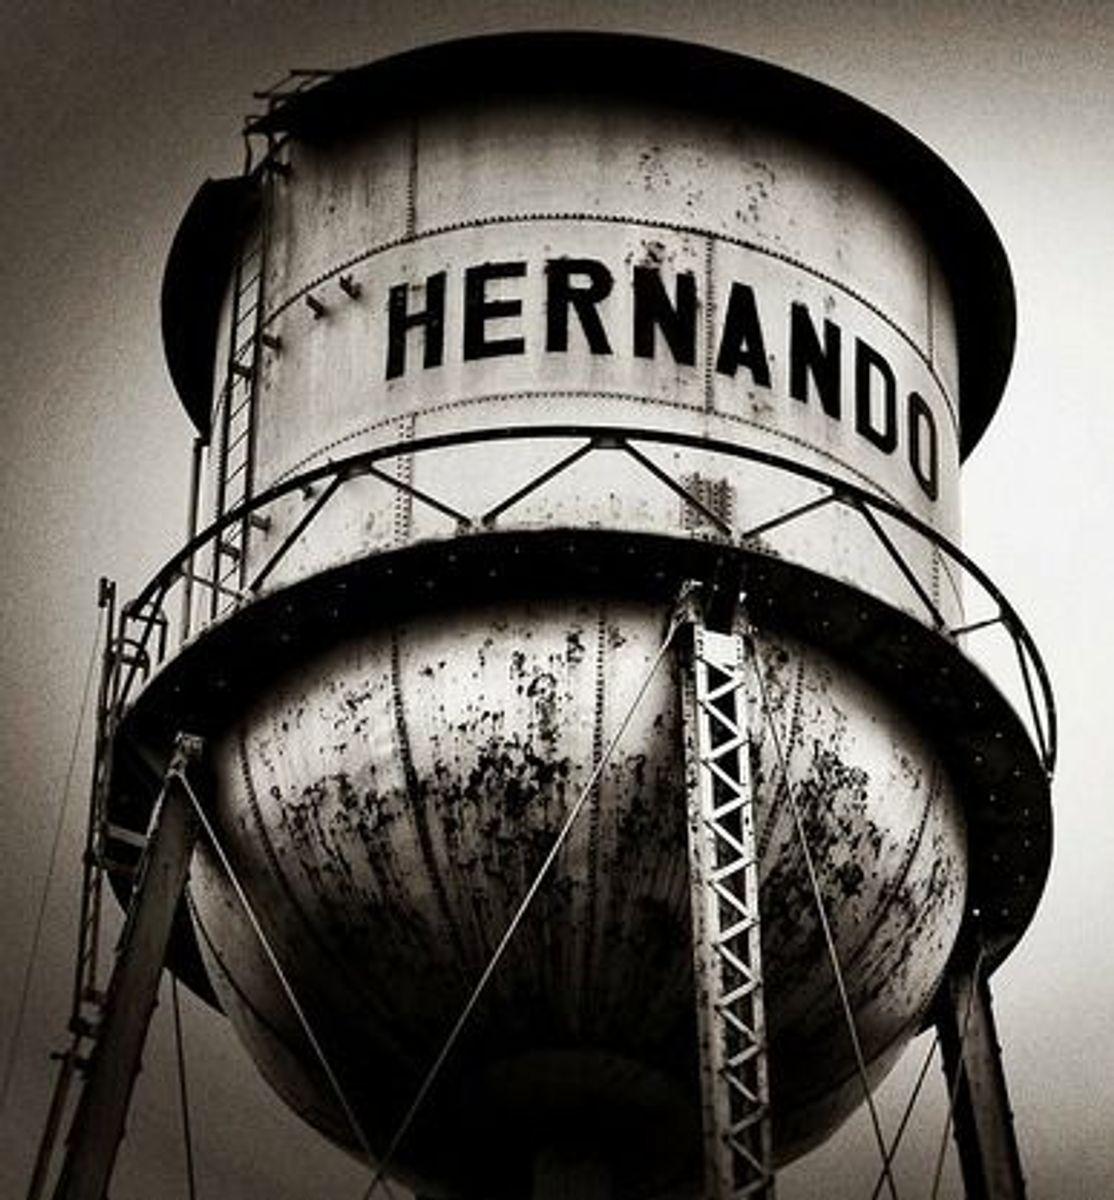 Hernando, MS